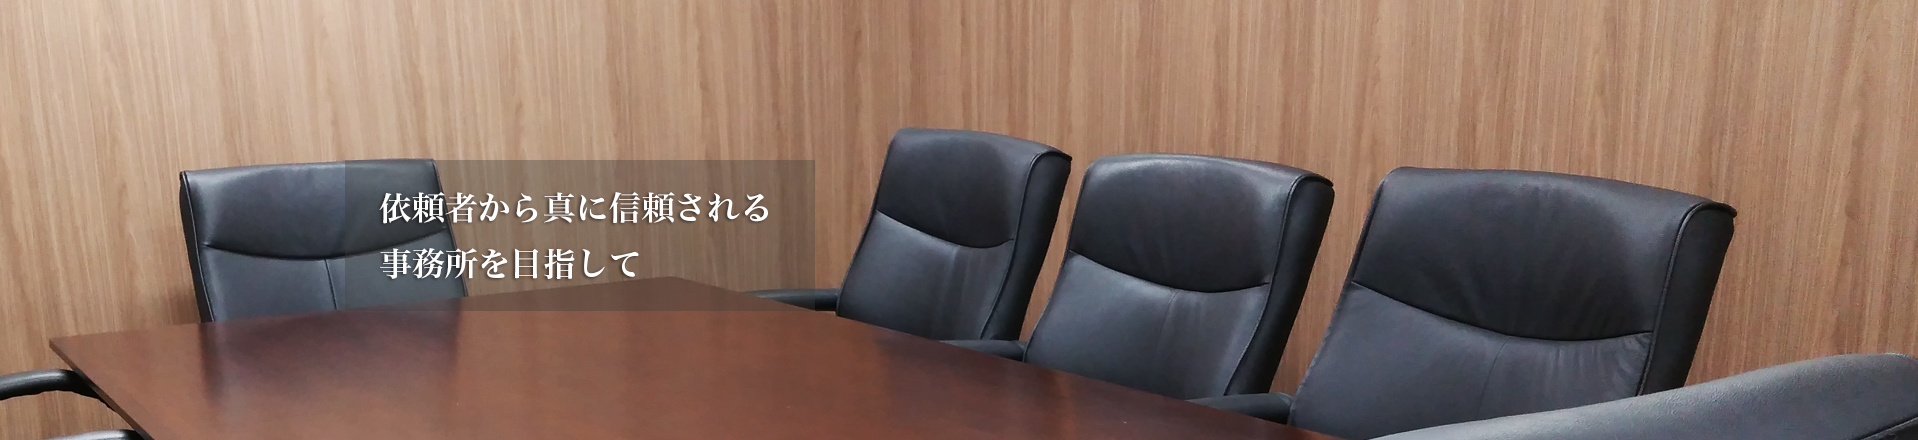 弁護士法人ALAW&GOODLOOP 依頼者から真に信頼される事務所を目指して